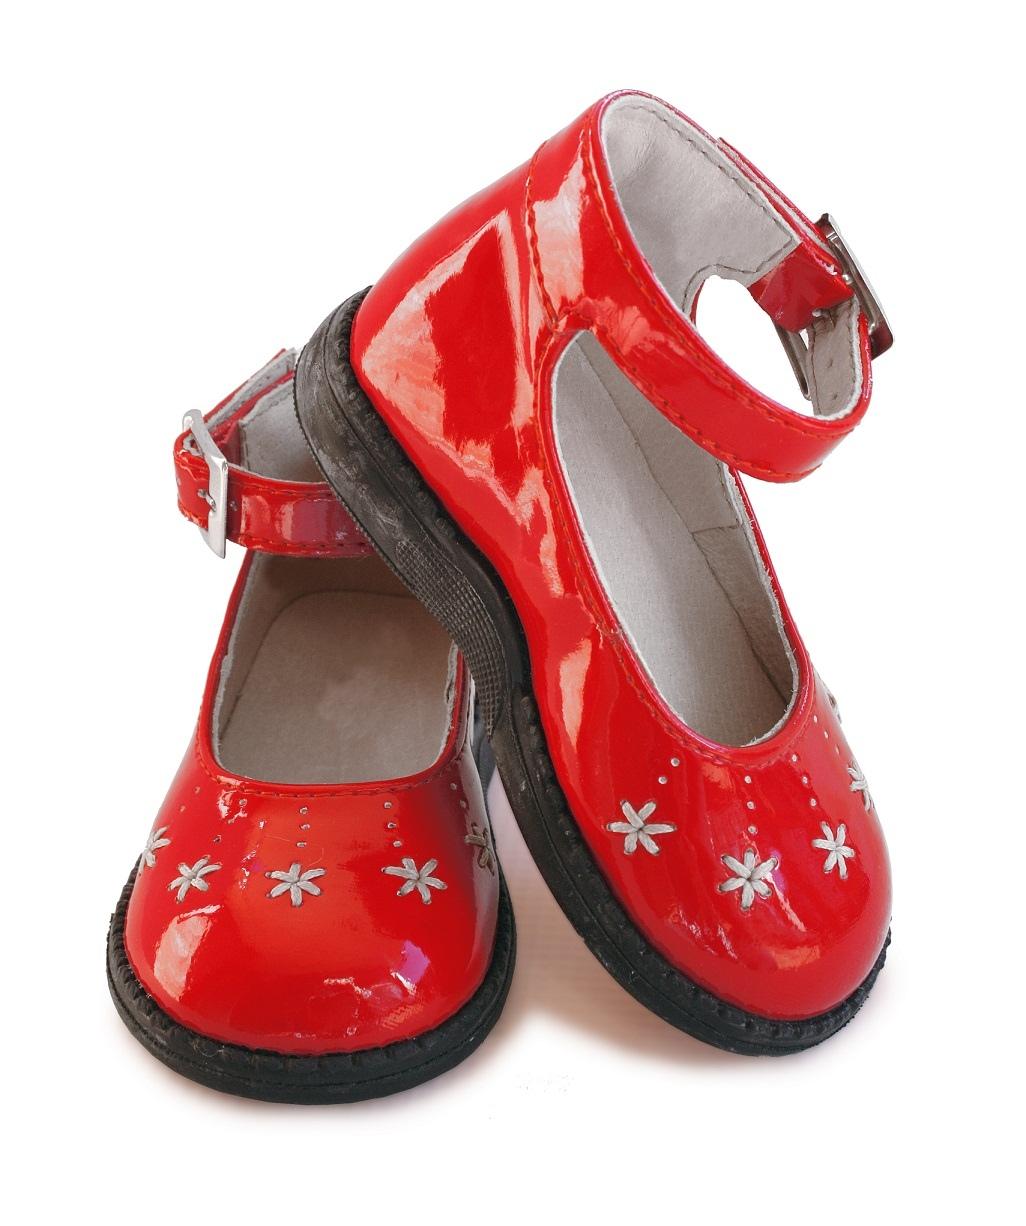 5485 моделей детской обуви в наличии, цены от 25 руб.